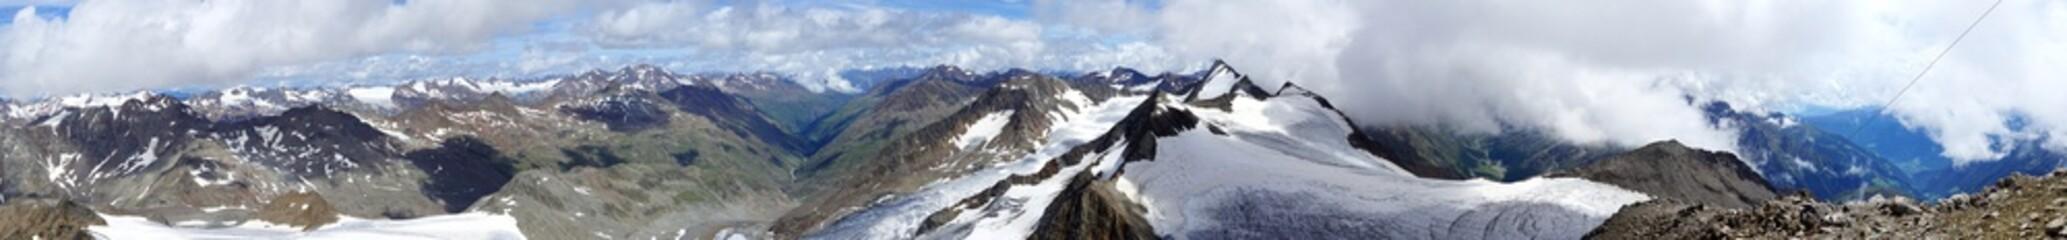 Similaun_Gipfel_3